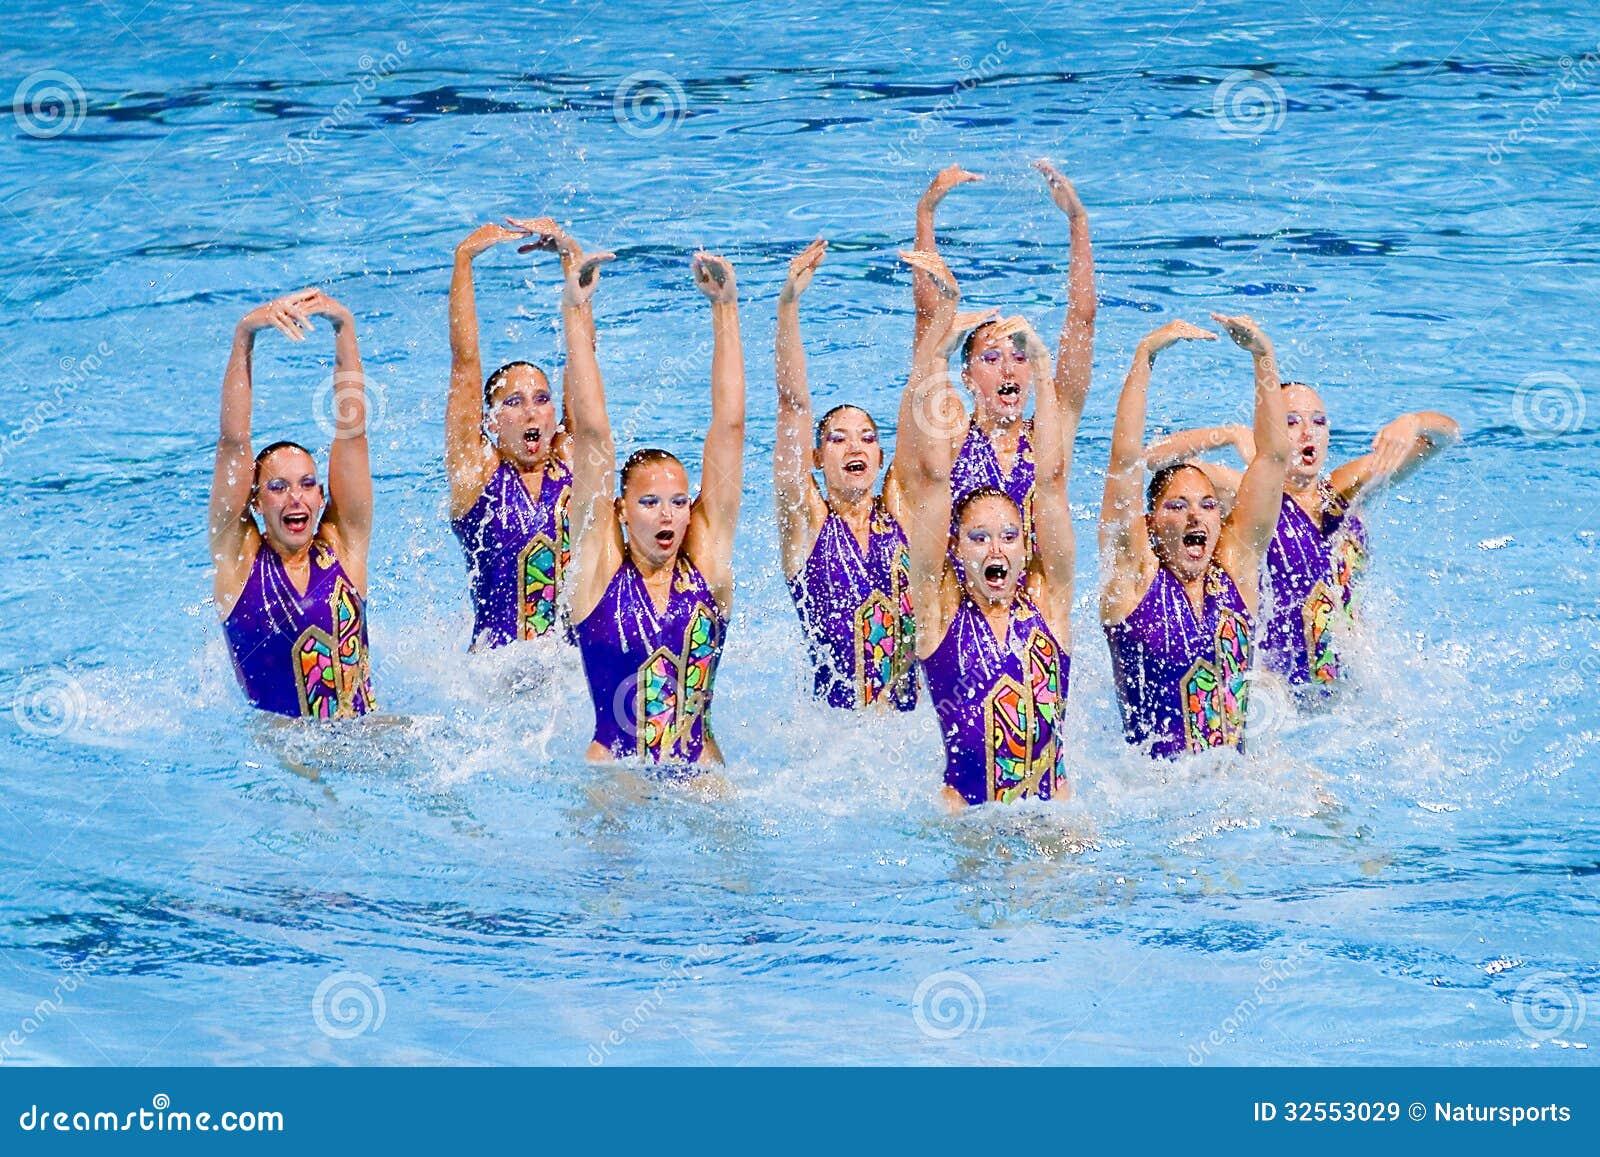 synchronized swimming switzerland editorial stock image image 32553029 dog sled clip art free dog sled team clipart